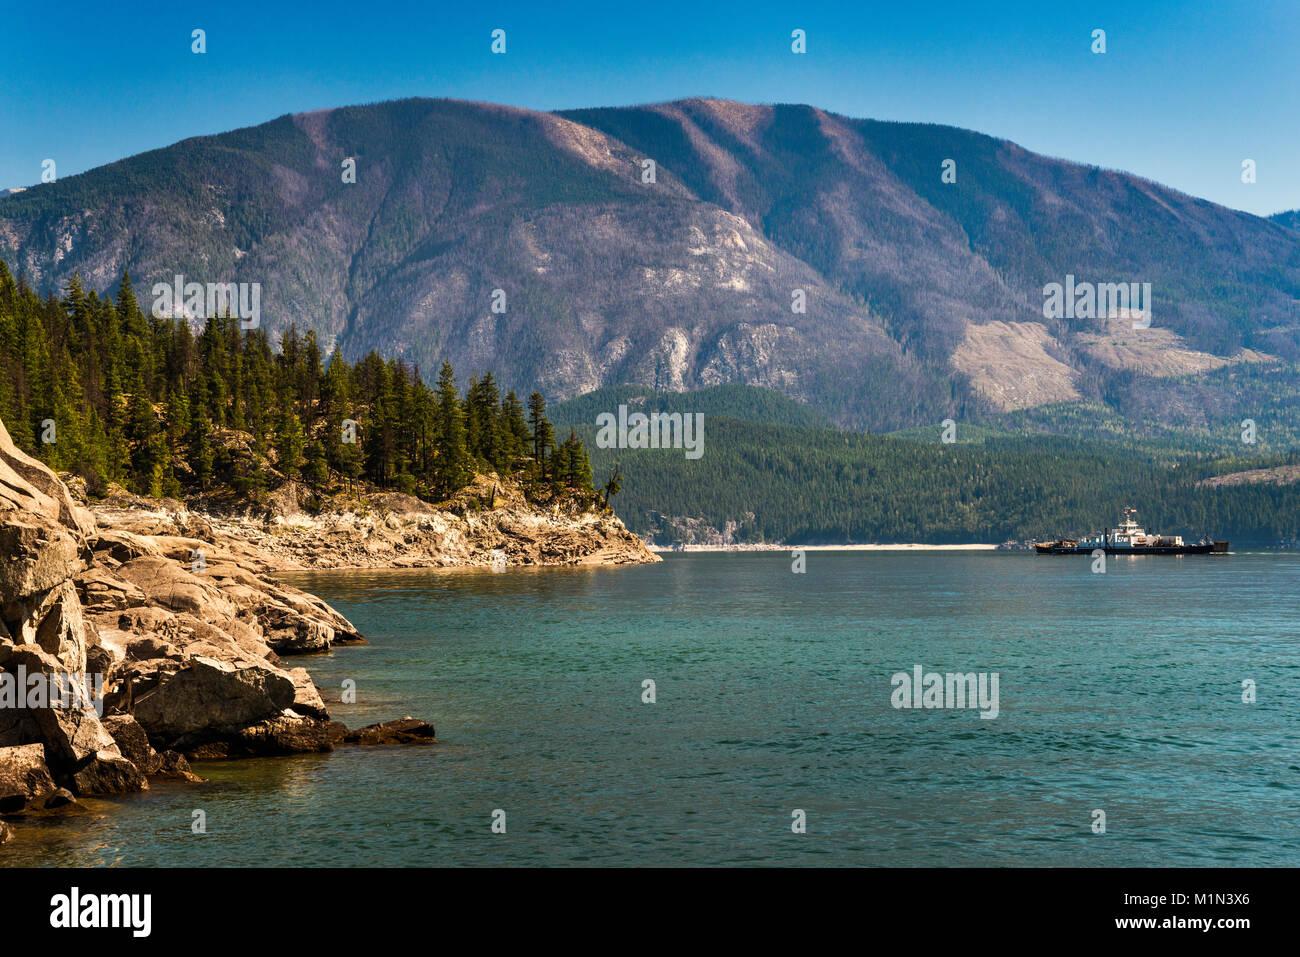 Selkirk montañas cubiertas con bosques de pinos muertos, atacados por Mountain Pine escarabajos, flecha superior, al oeste del Lago Kootenay, British Columbia, Canadá Foto de stock